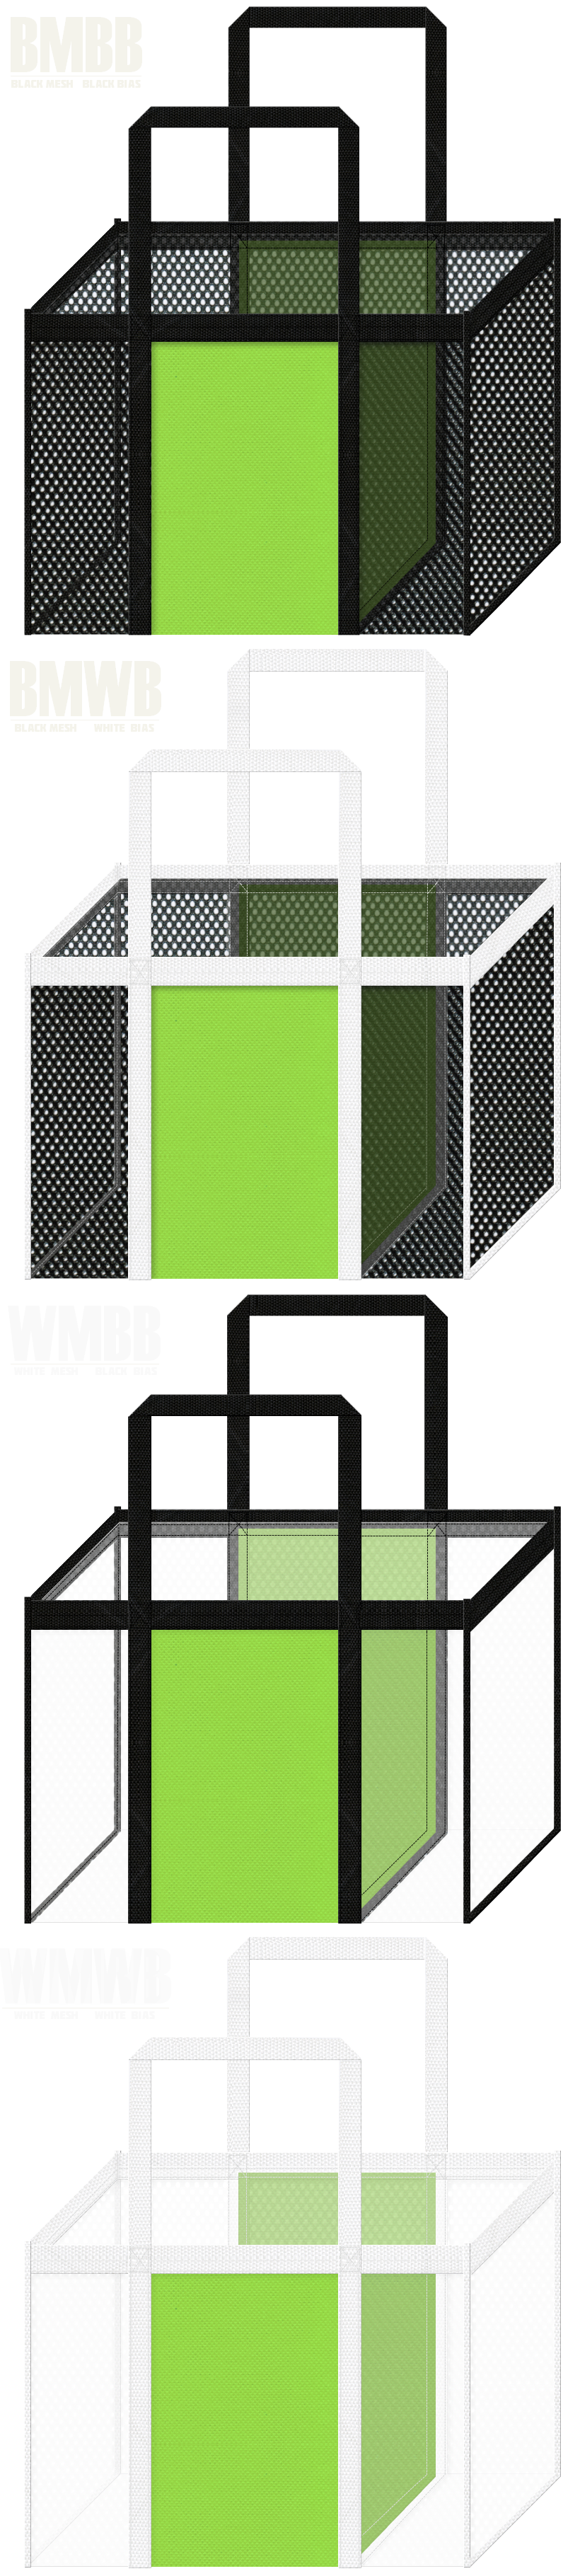 角型メッシュバッグのカラーシミュレーション:黒色・白色メッシュと黄緑色不織布の組み合わせ